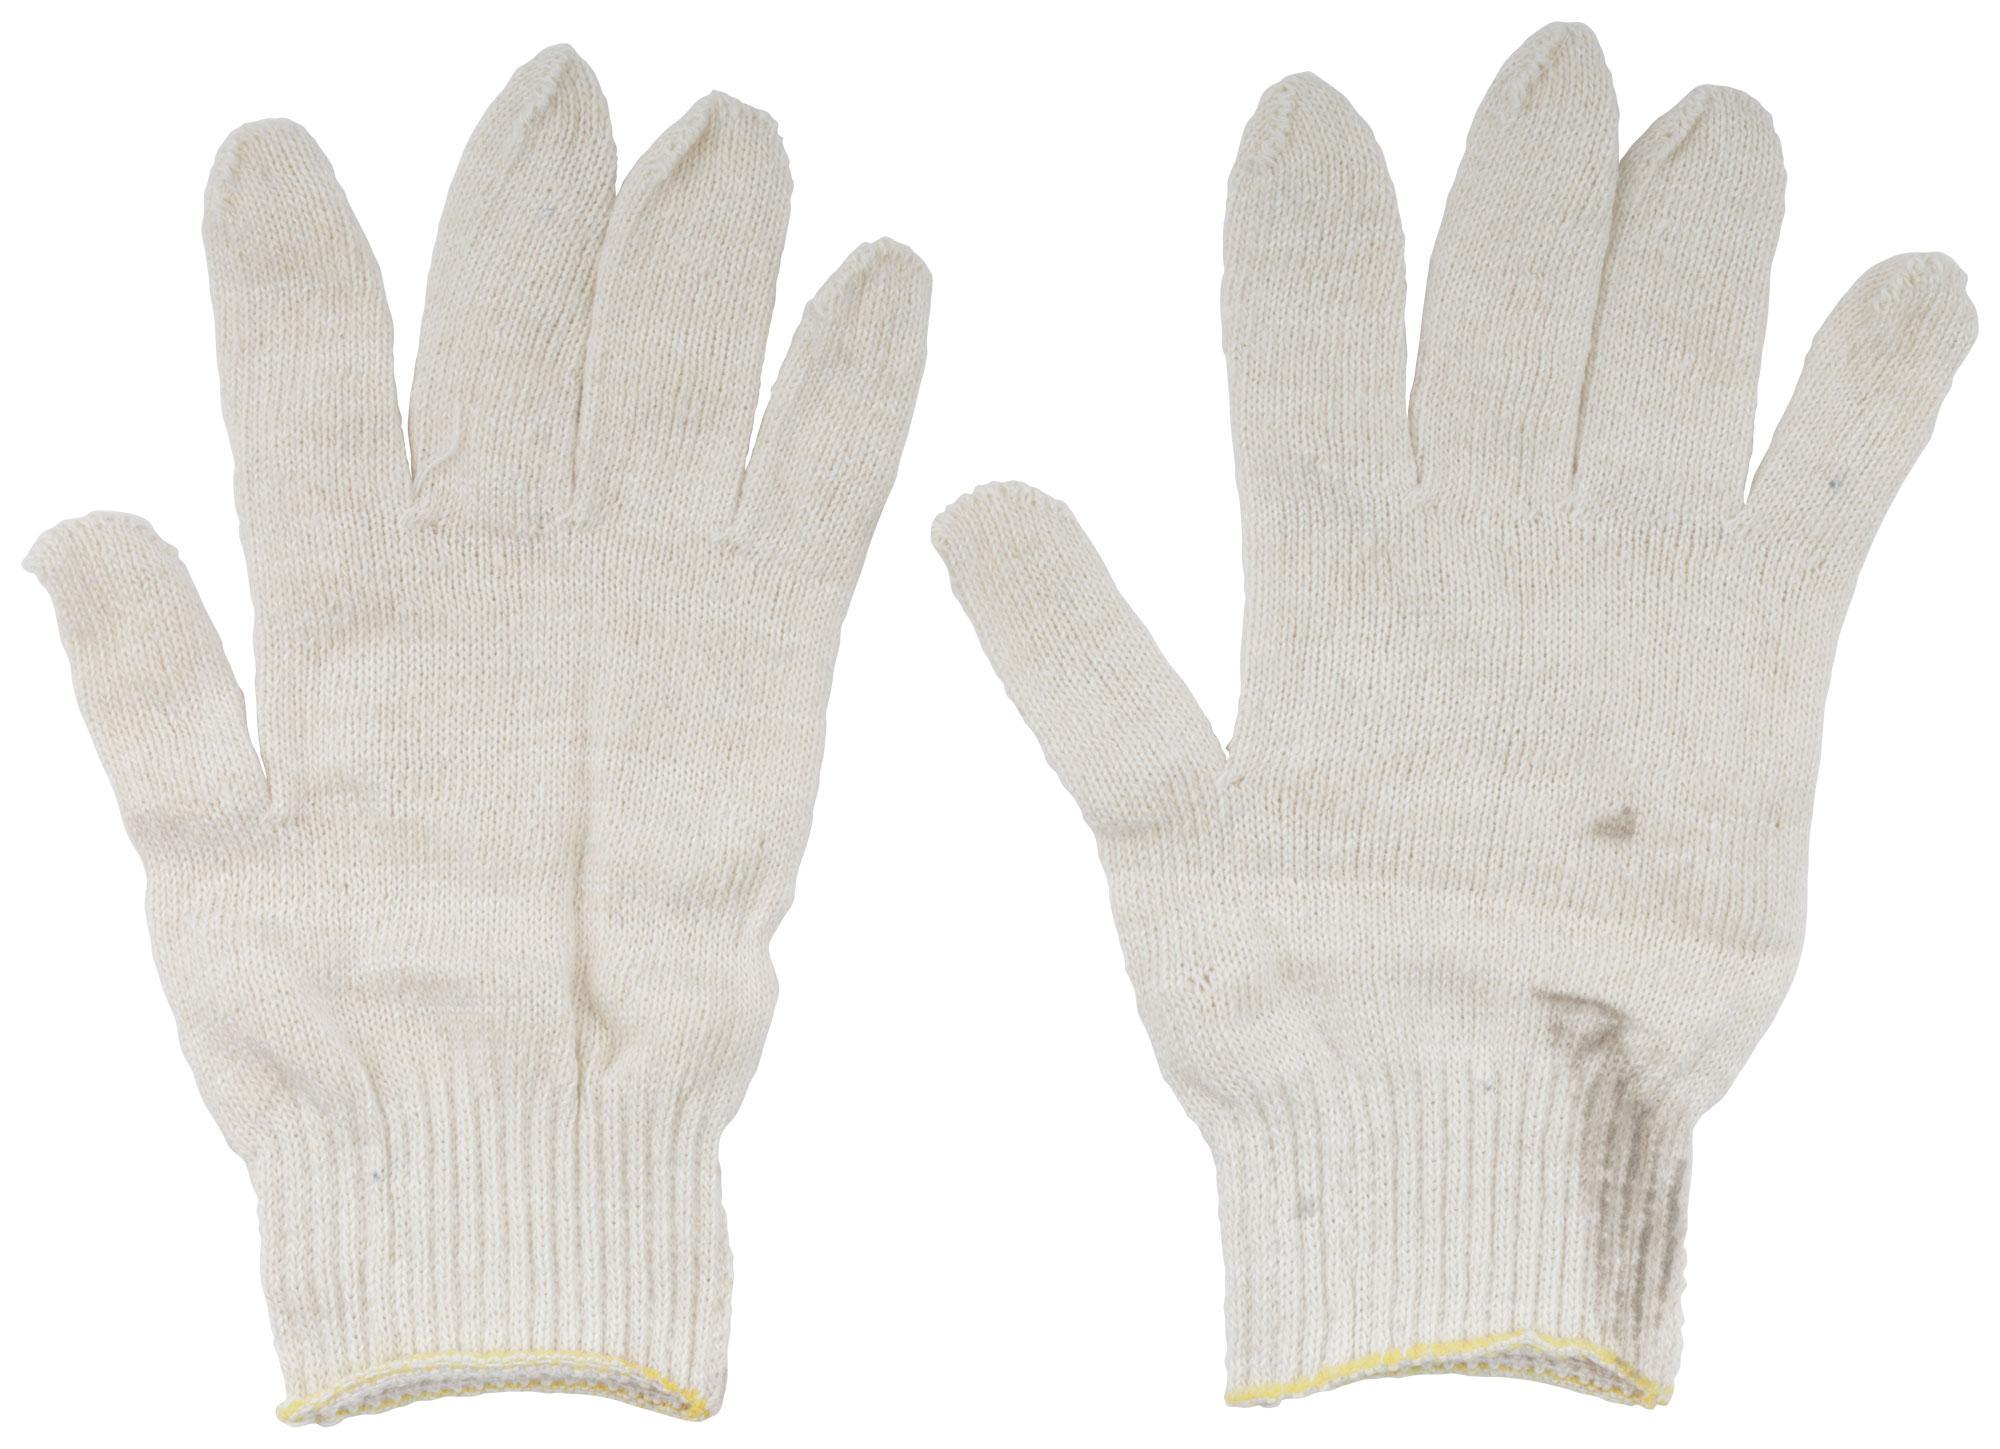 Перчатки ПВХ Fit 12487 б у станки делать х б перчатки